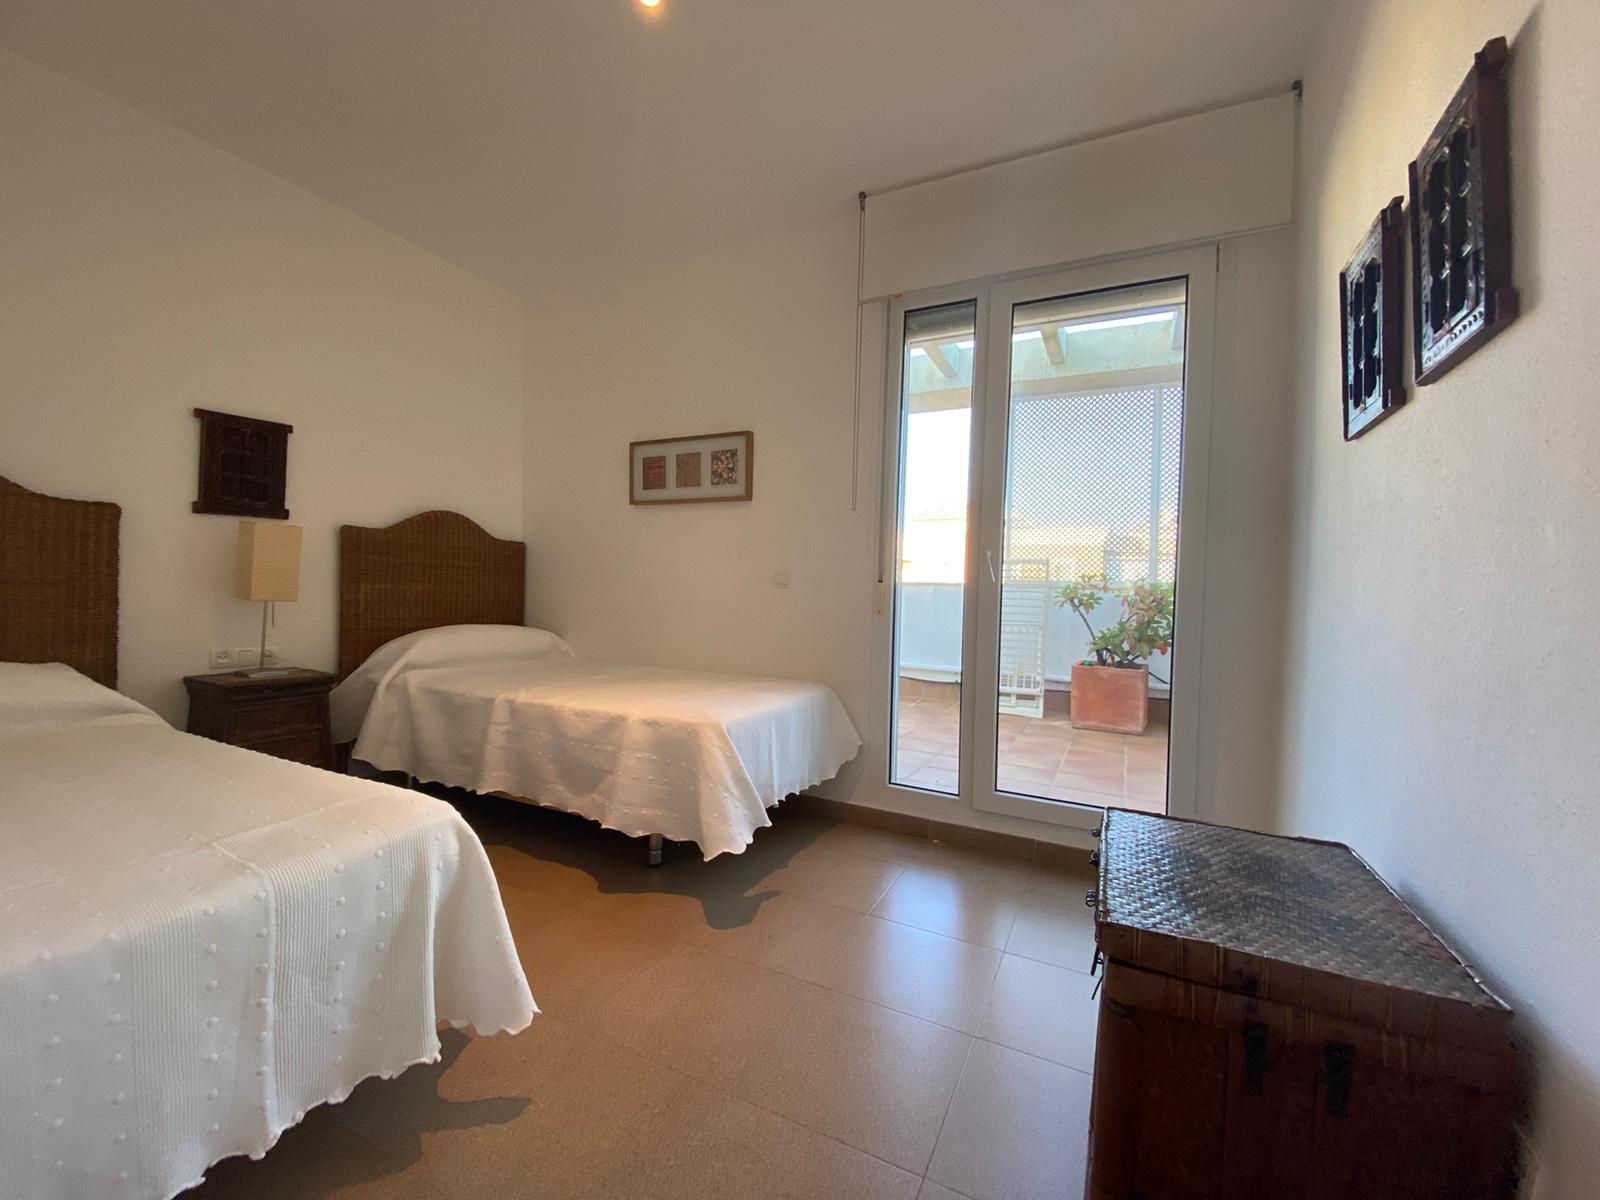 Imagen 26 del Apartamento Turístico, Ático 4 Levante, Frontal (4d+2b), Punta del Moral (HUELVA), Paseo de la Cruz nº22